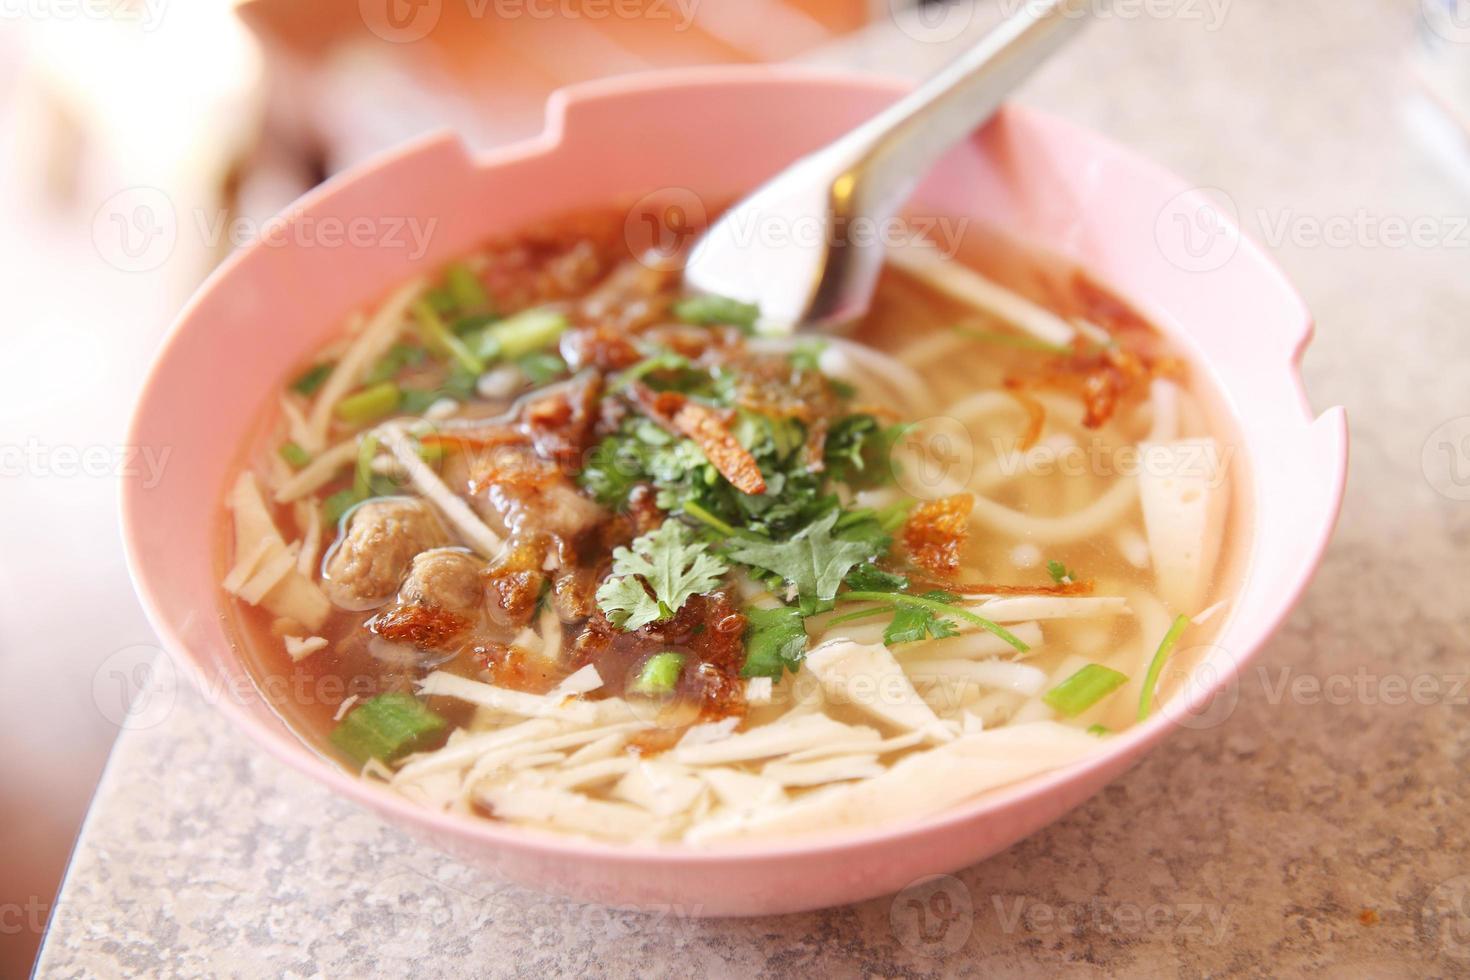 Vietnamese noodle photo